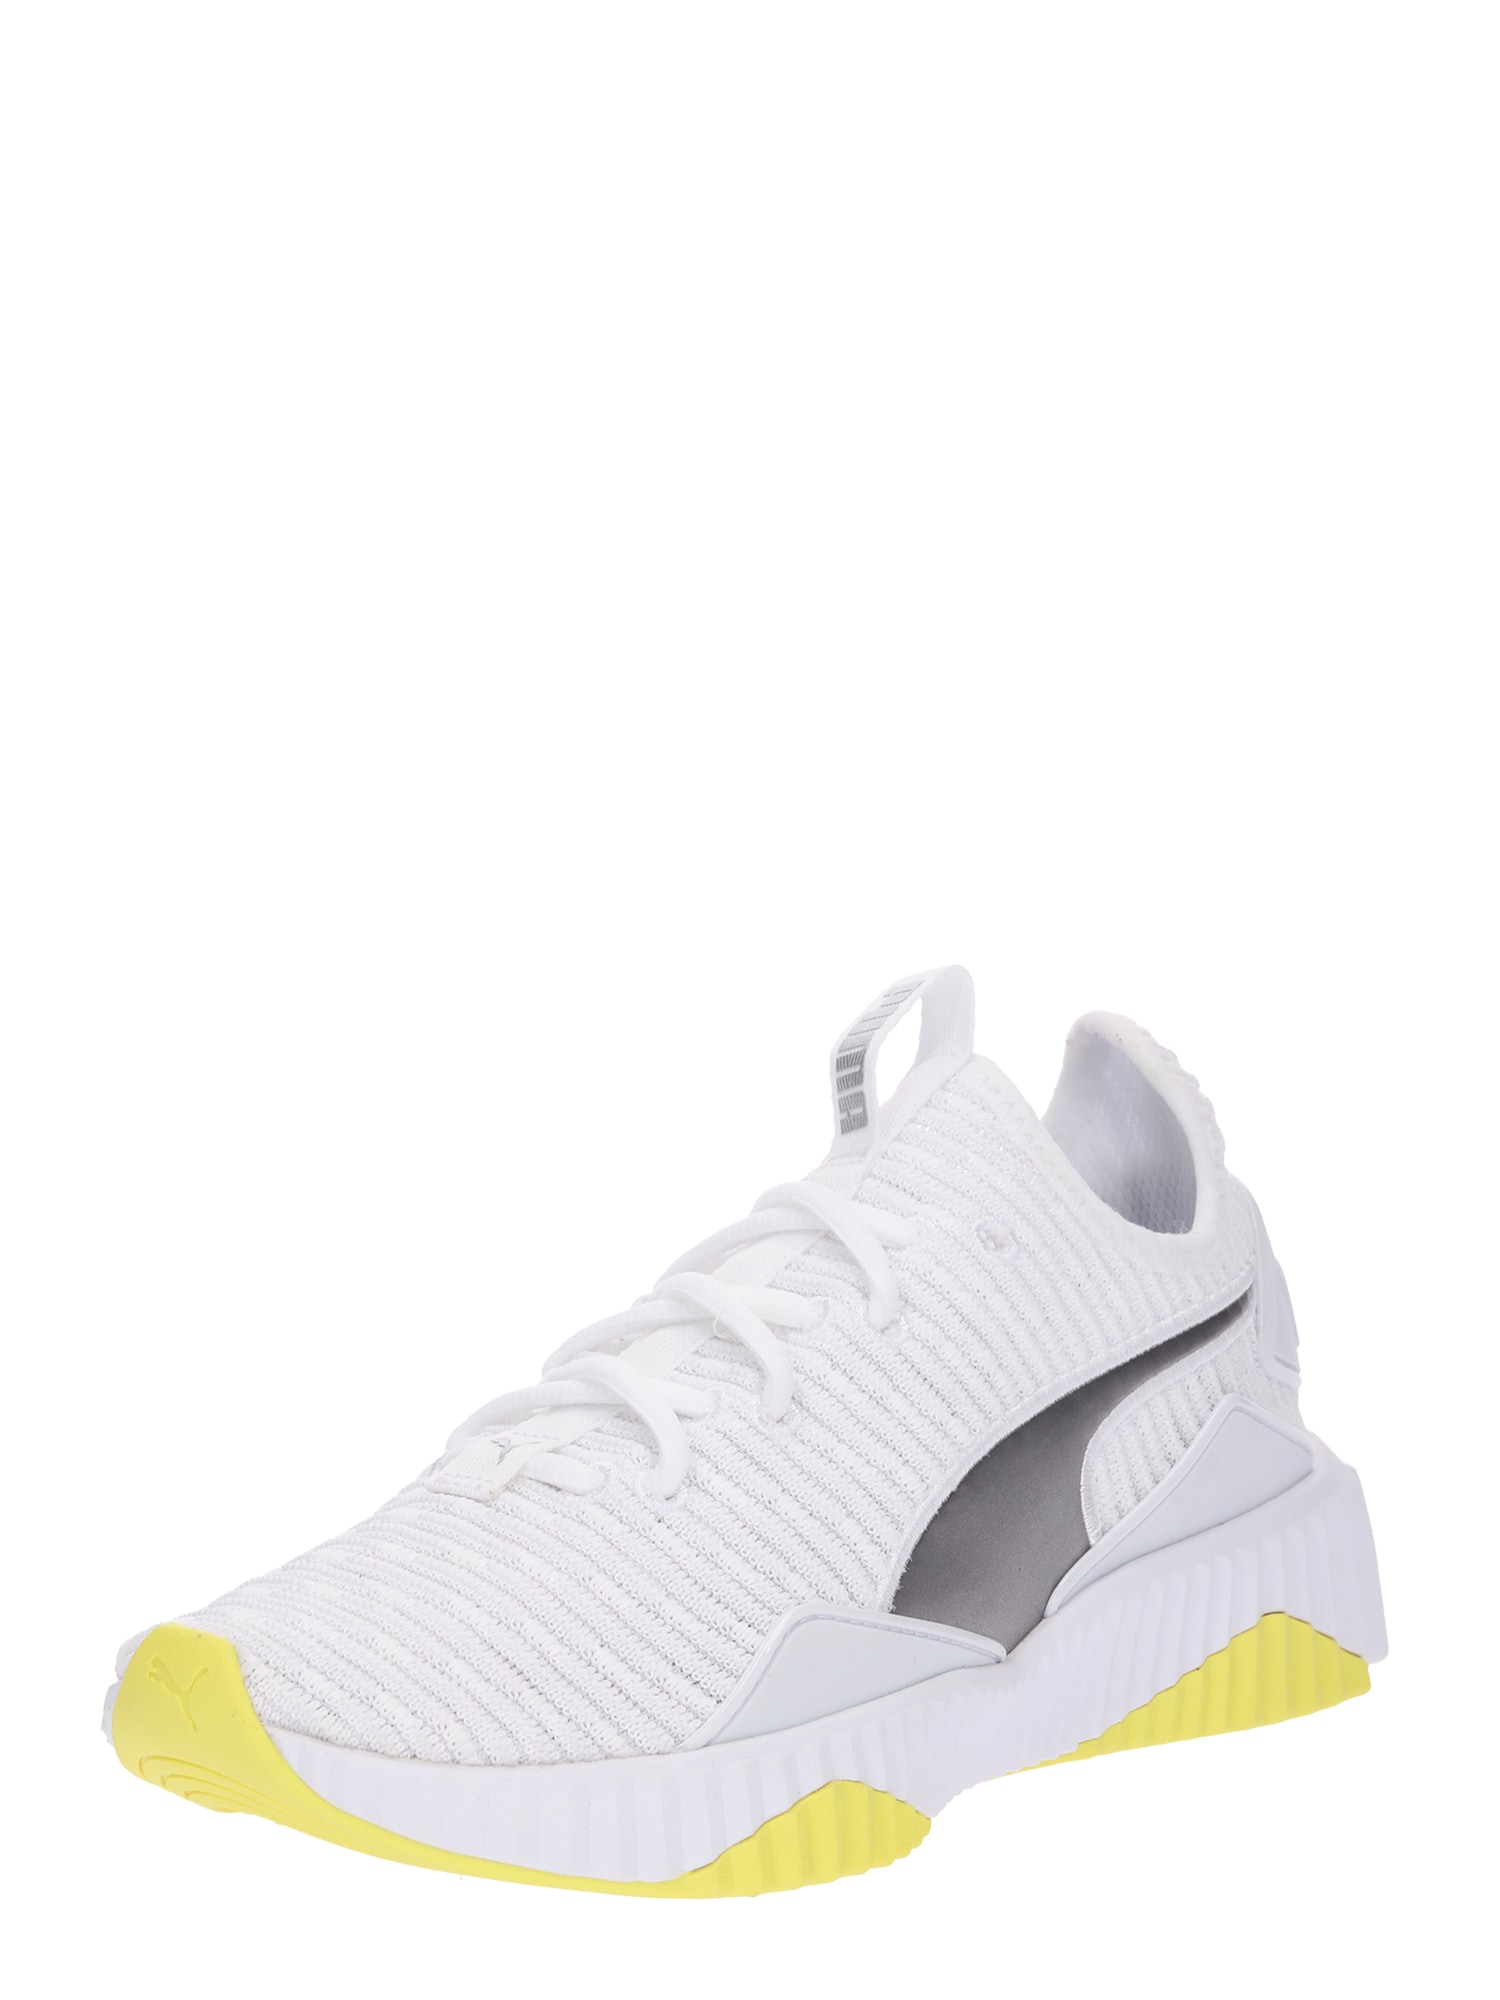 Sportovní boty Defy Tz žlutá stříbrná bílá PUMA